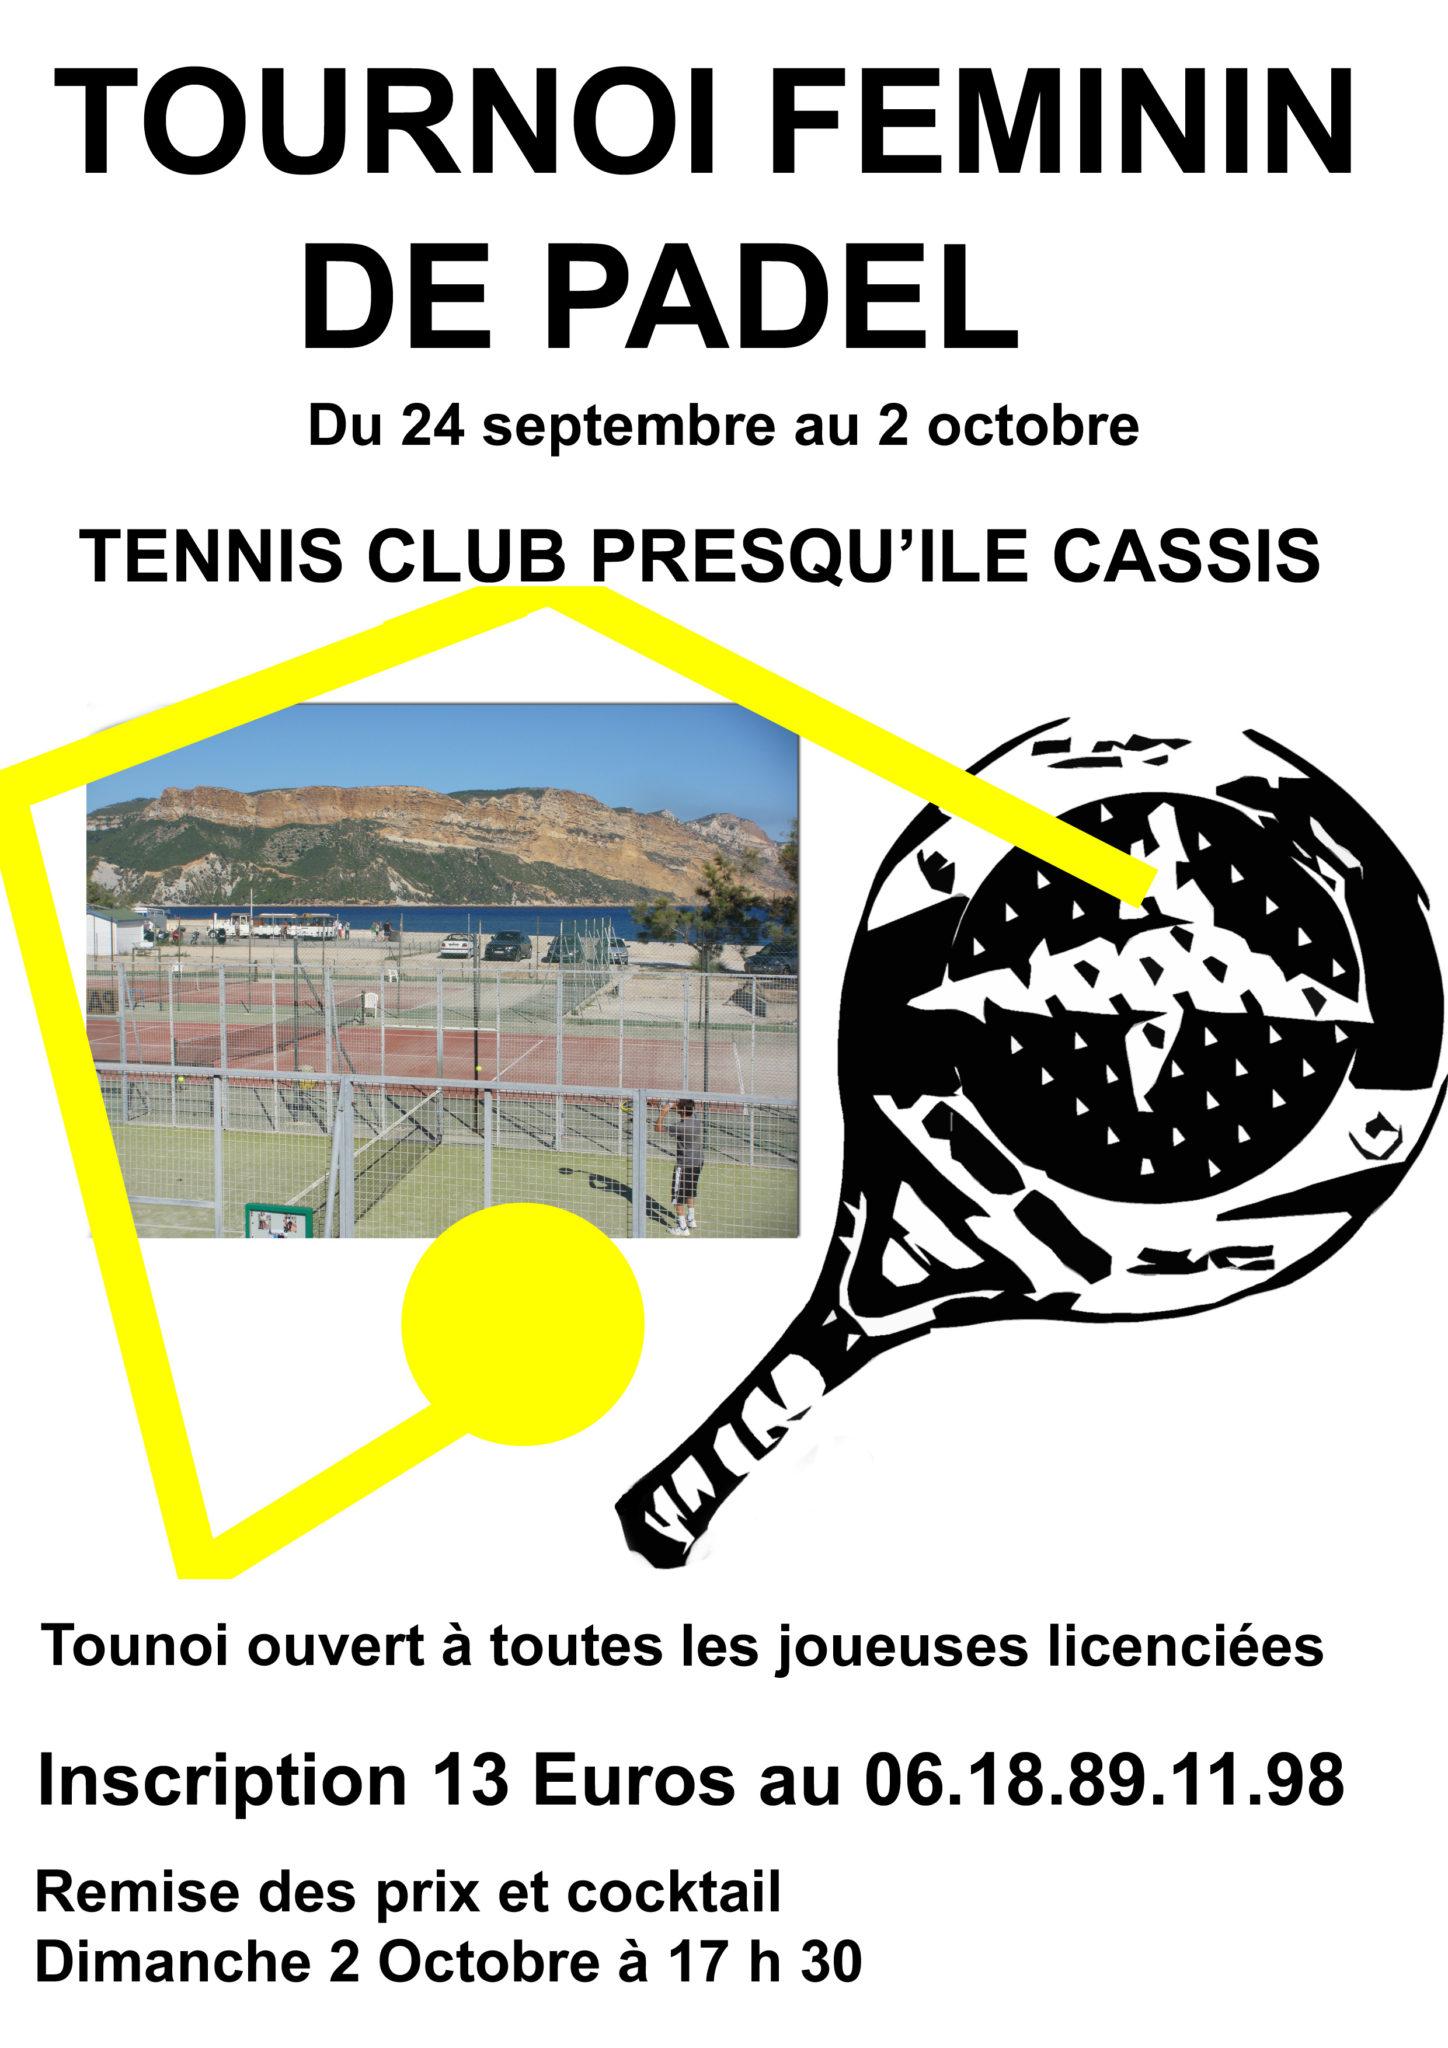 cartaz do torneio